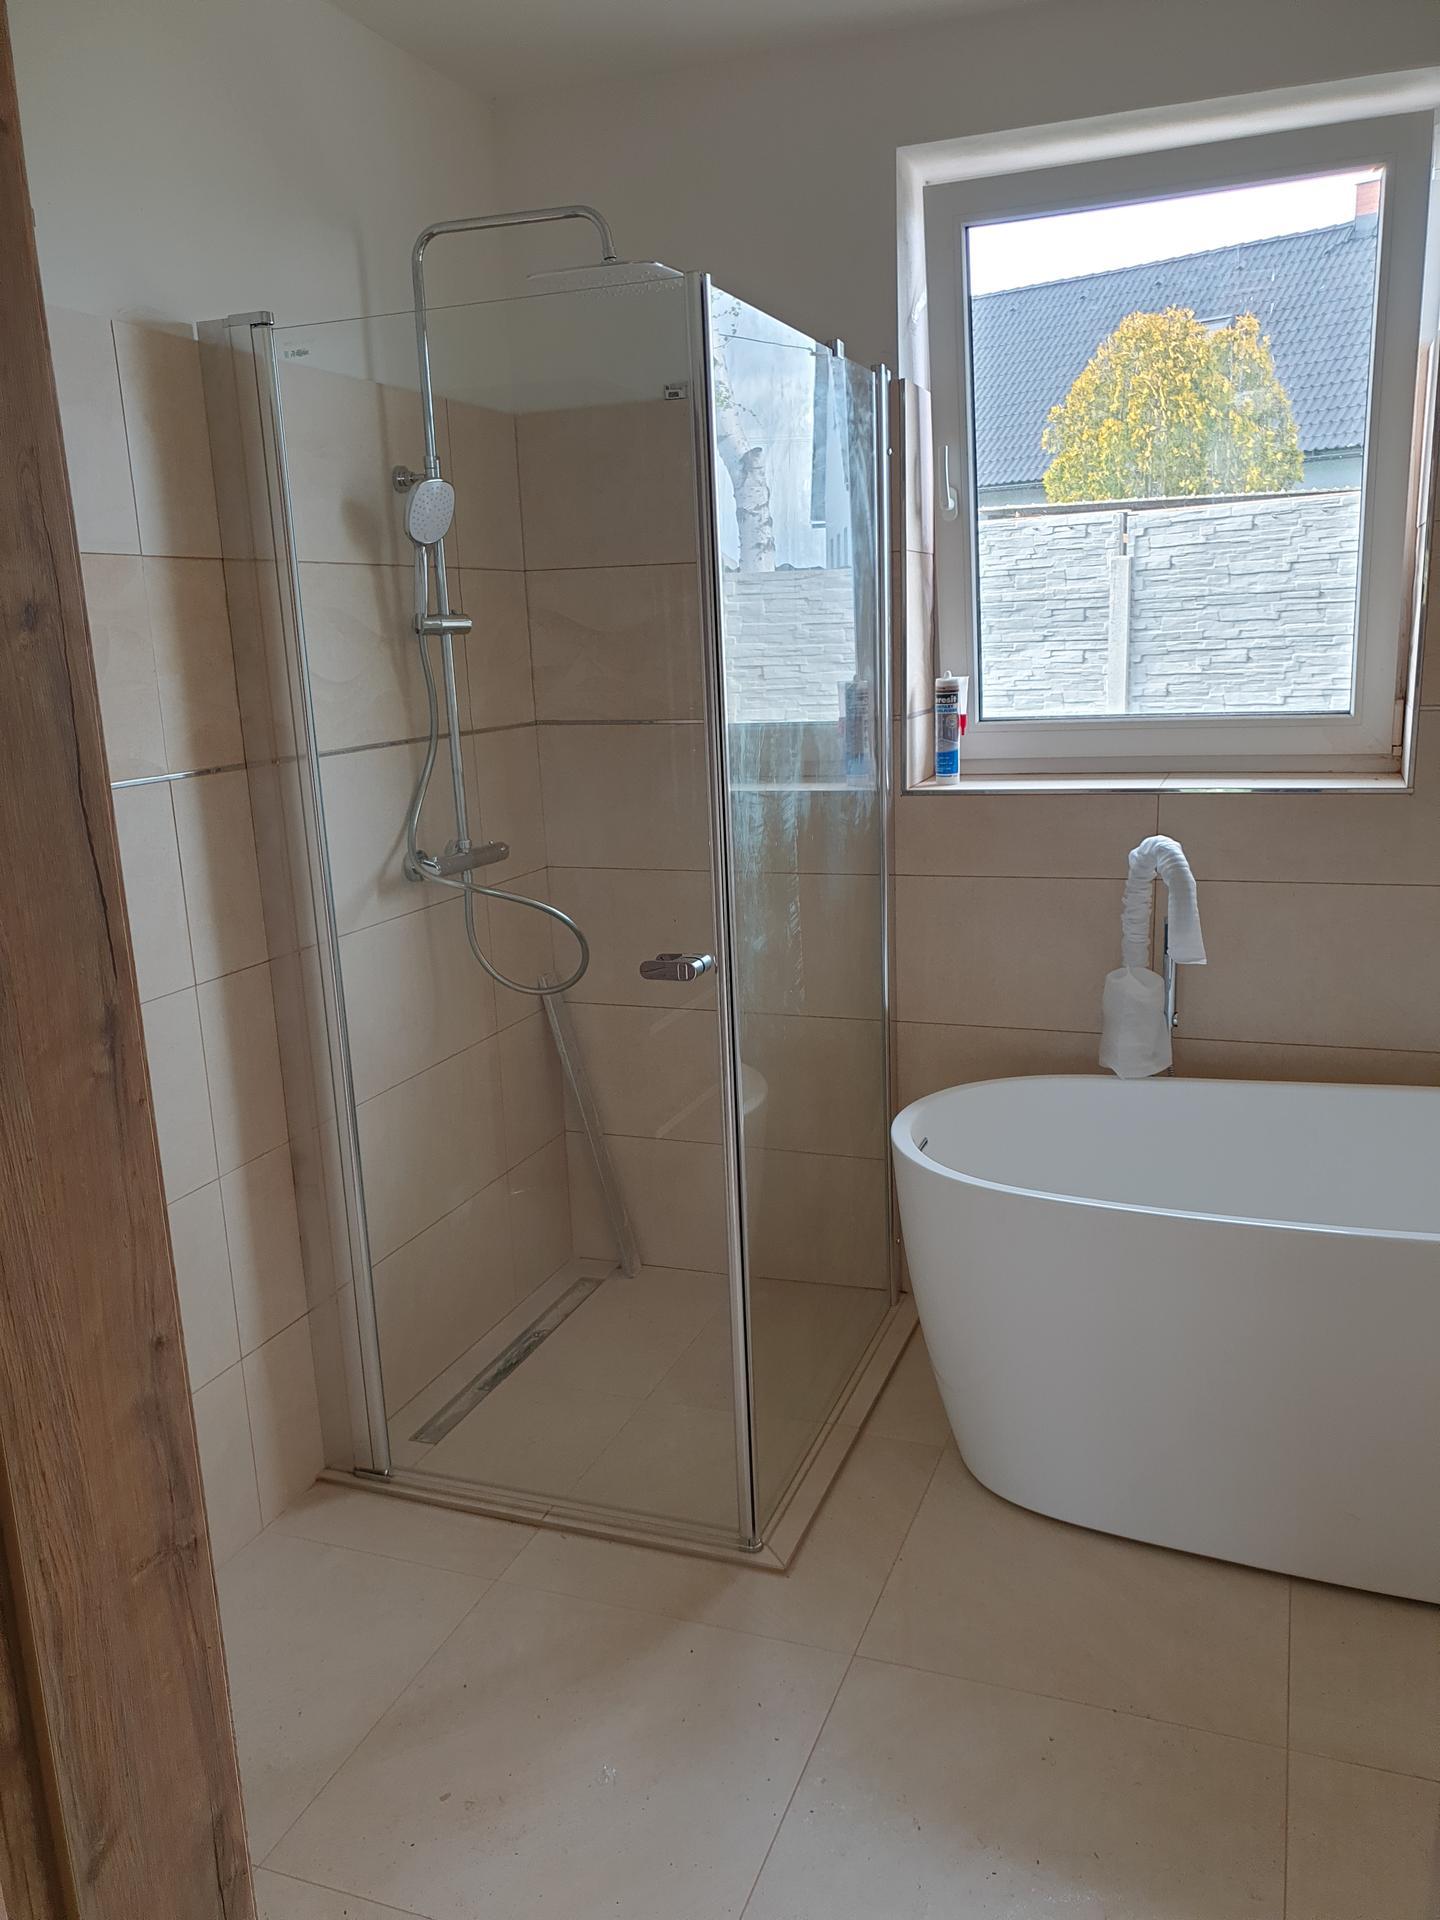 Koupelna - Obrázek č. 2